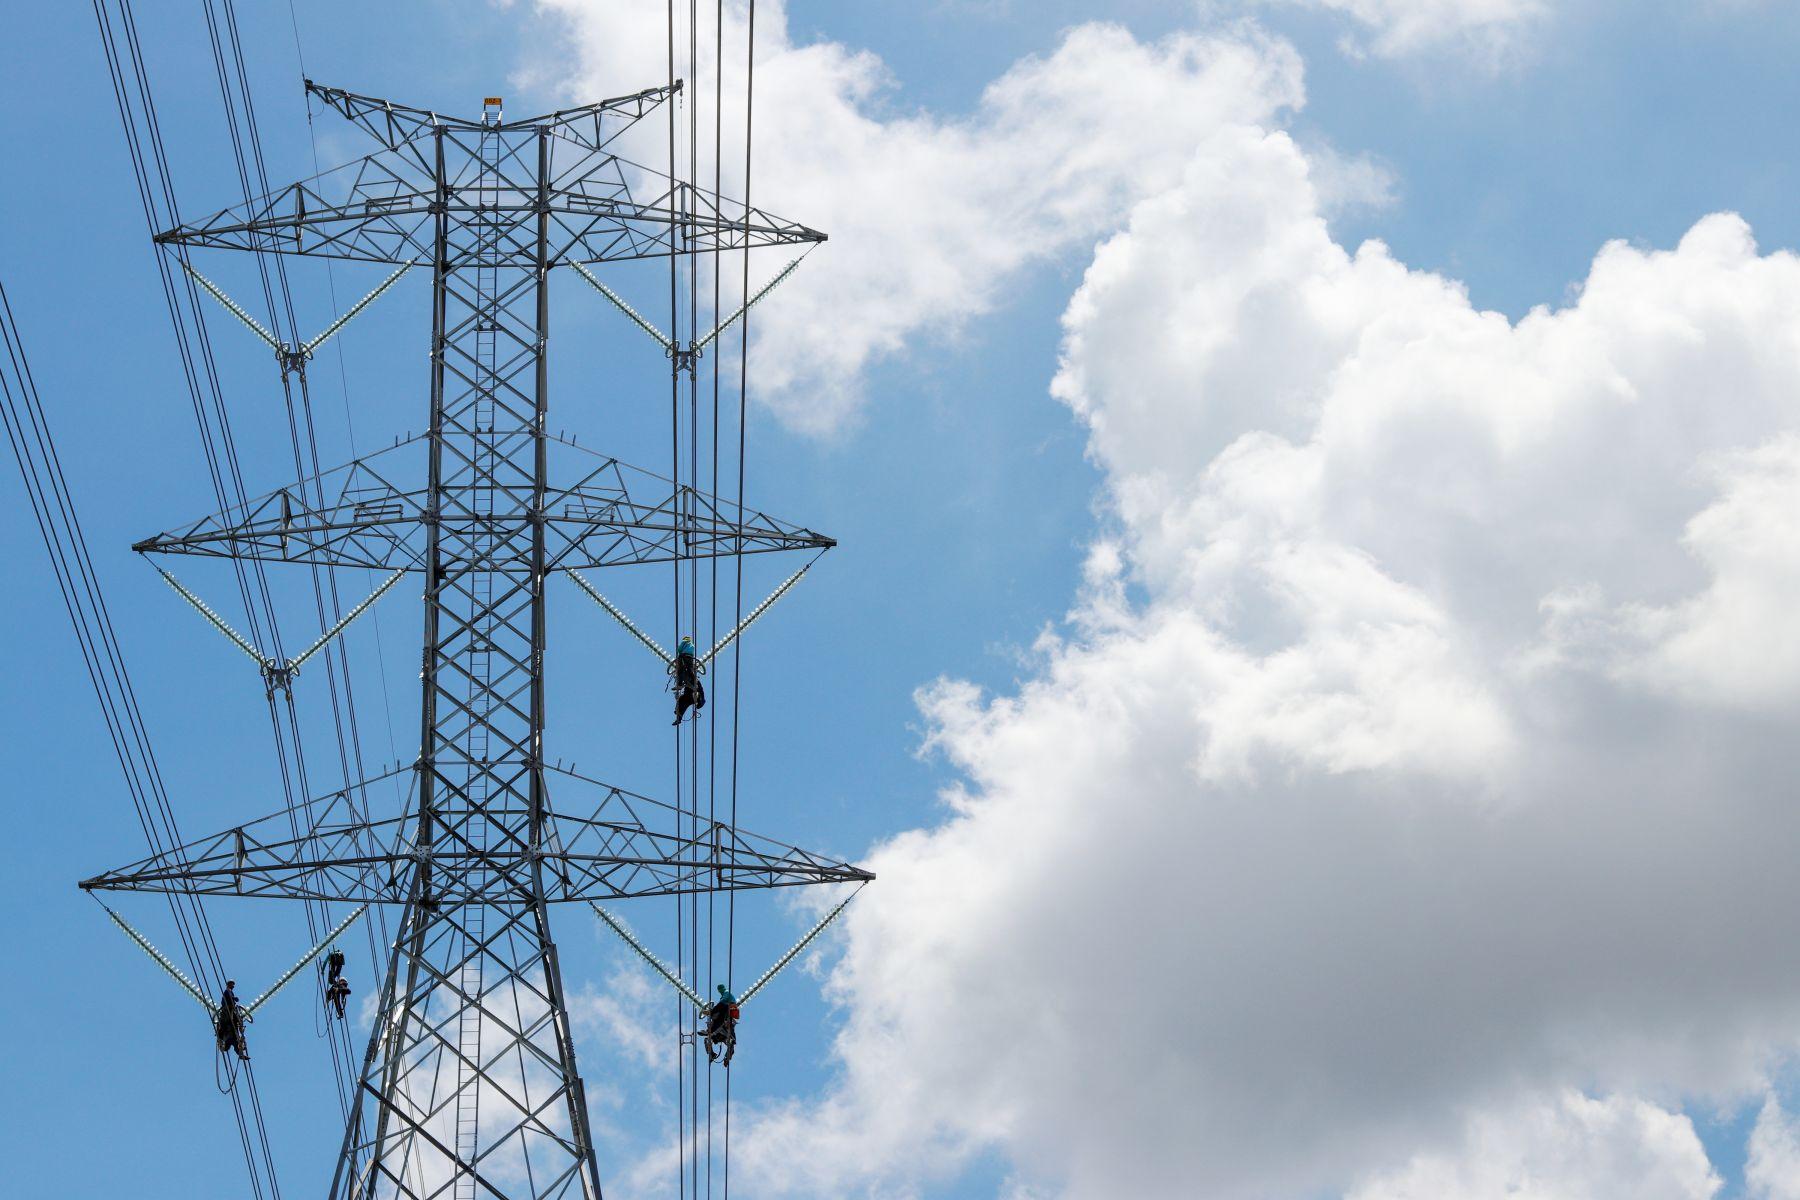 政院拚節電 用電大戶超標要加價